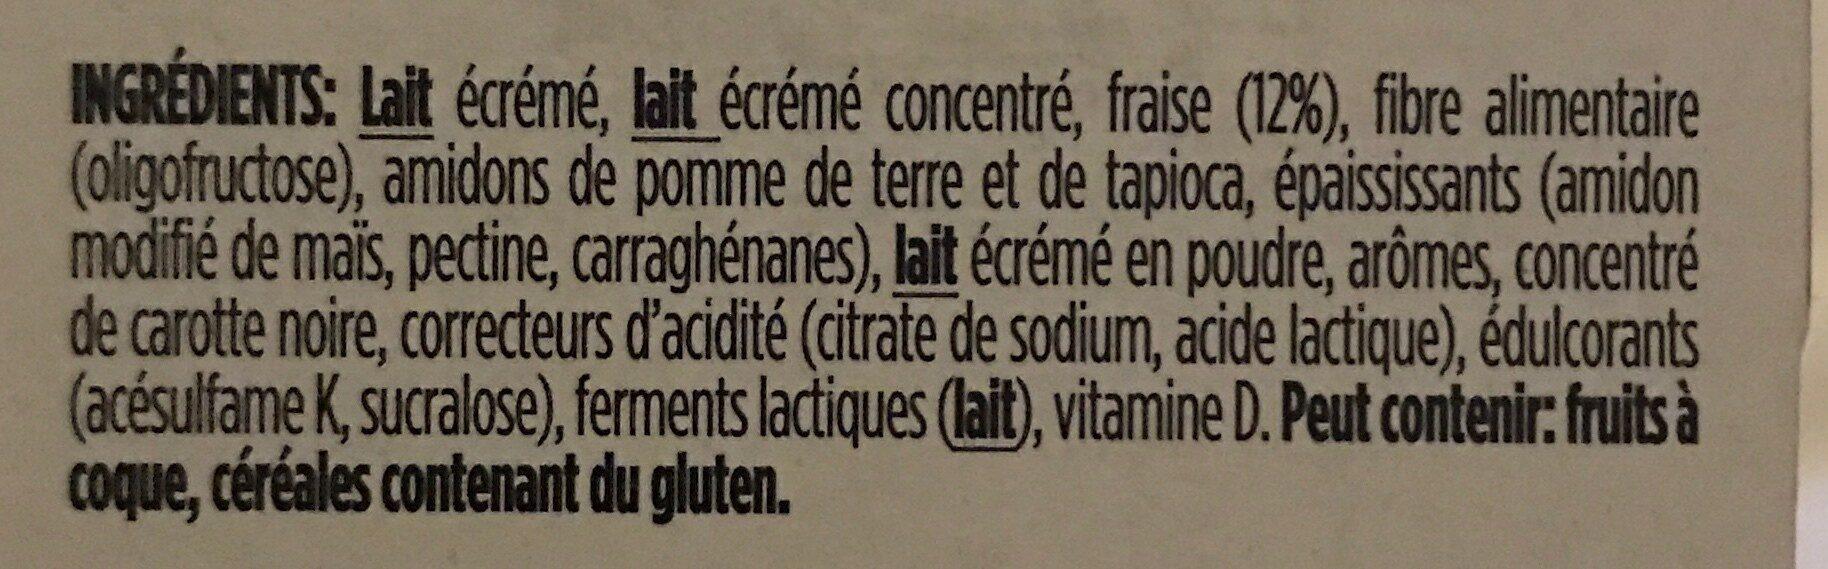 Light and Free Fraises - Ingrediënten